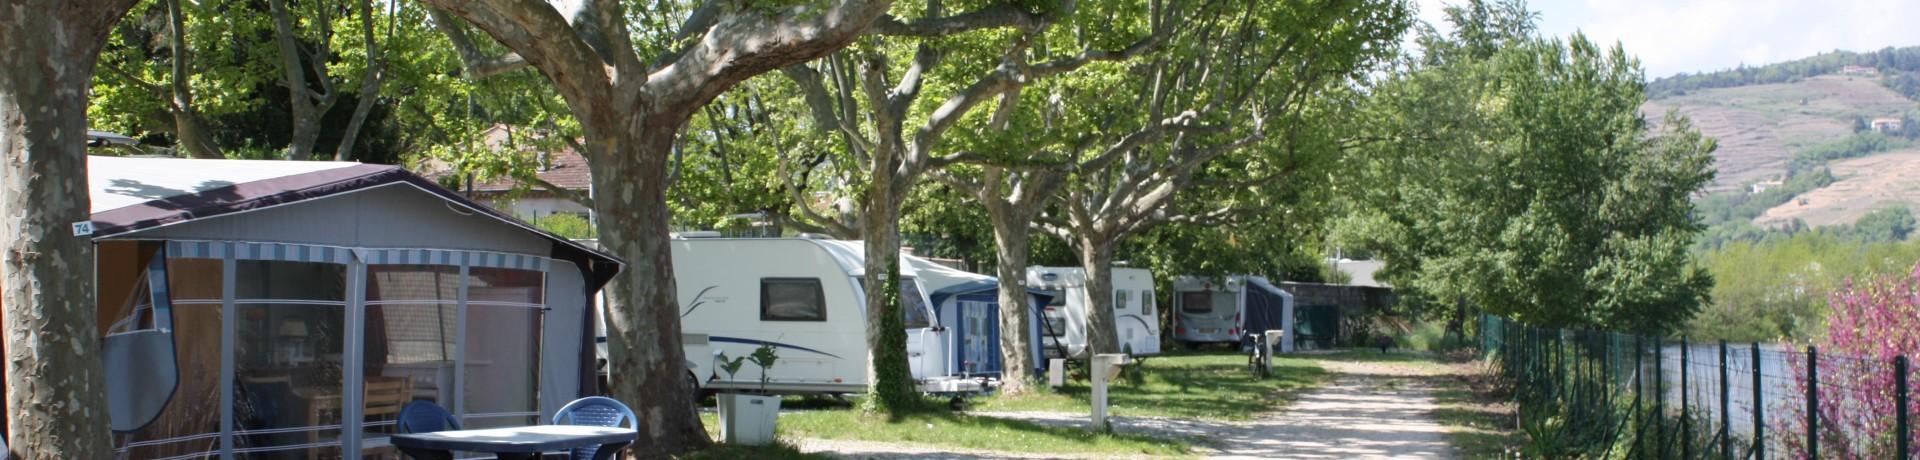 Camping de Tournon HPA in de Ardèche (Rhône-ALpes) is een aangename camping aan de oever van de Rhône in het centrum van het gezellige dorpje Tournon.